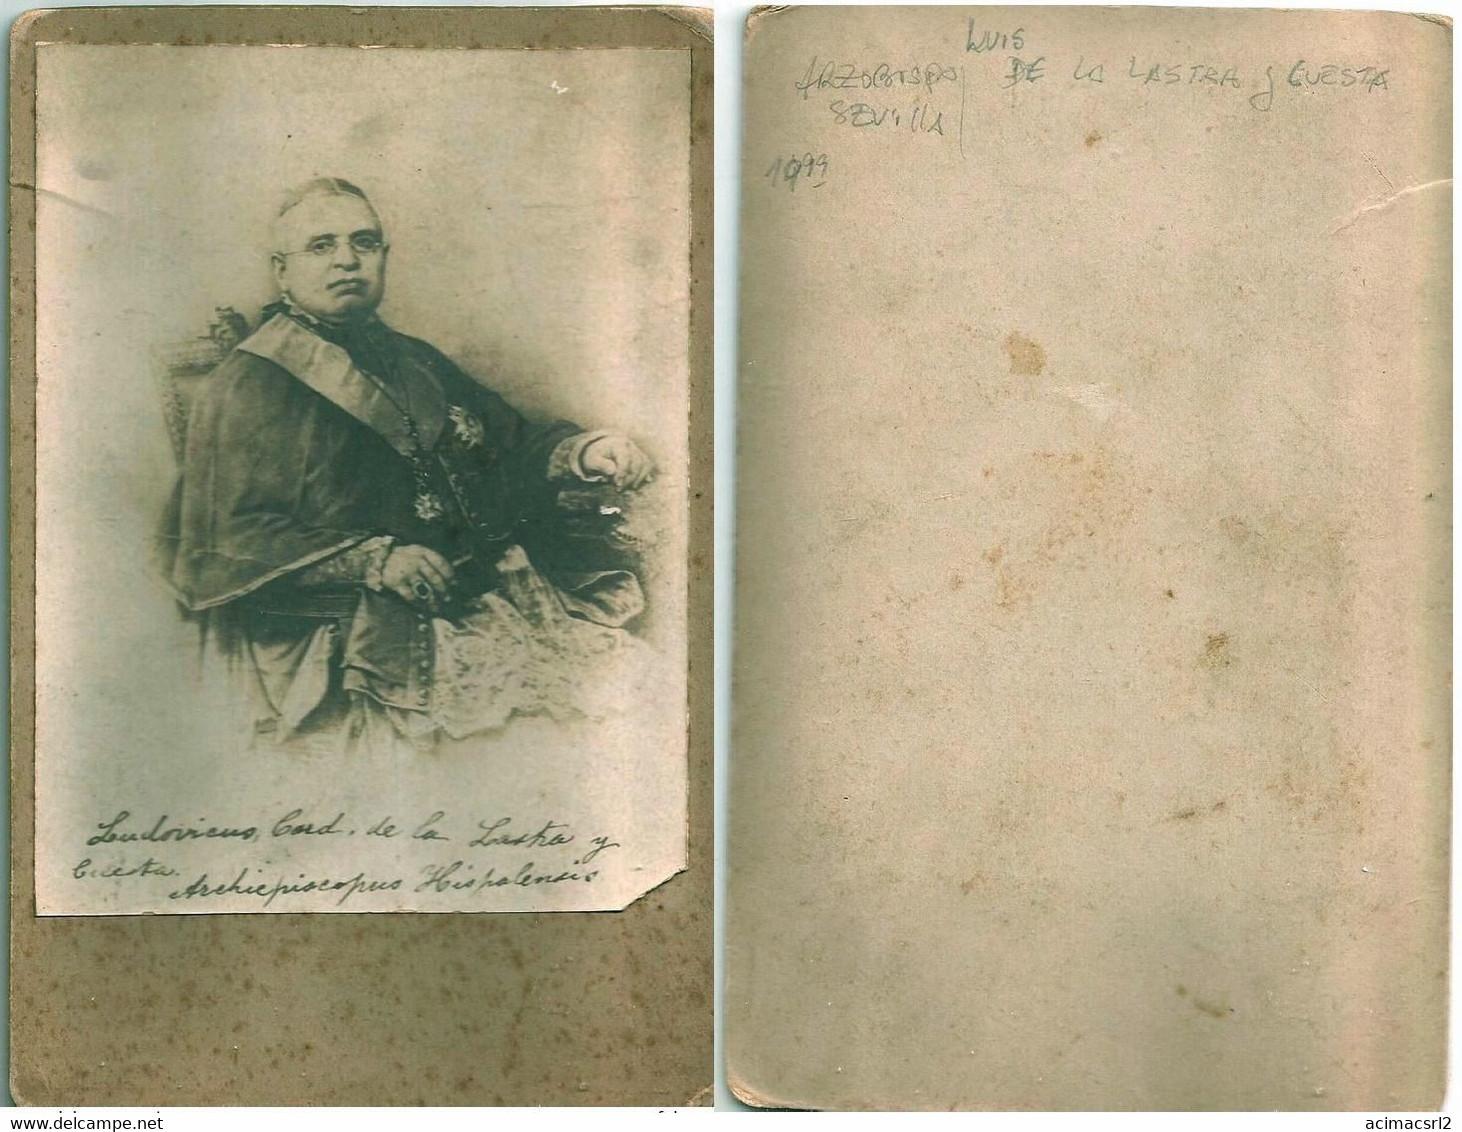 Cabinet Card 1870's - Cardenal LUIS De La Lastra Y Cuesta, Arzobispo De Sevilla - CRISTIANISMO CHRISTIANITY CHRISTIANITÉ - Fotos